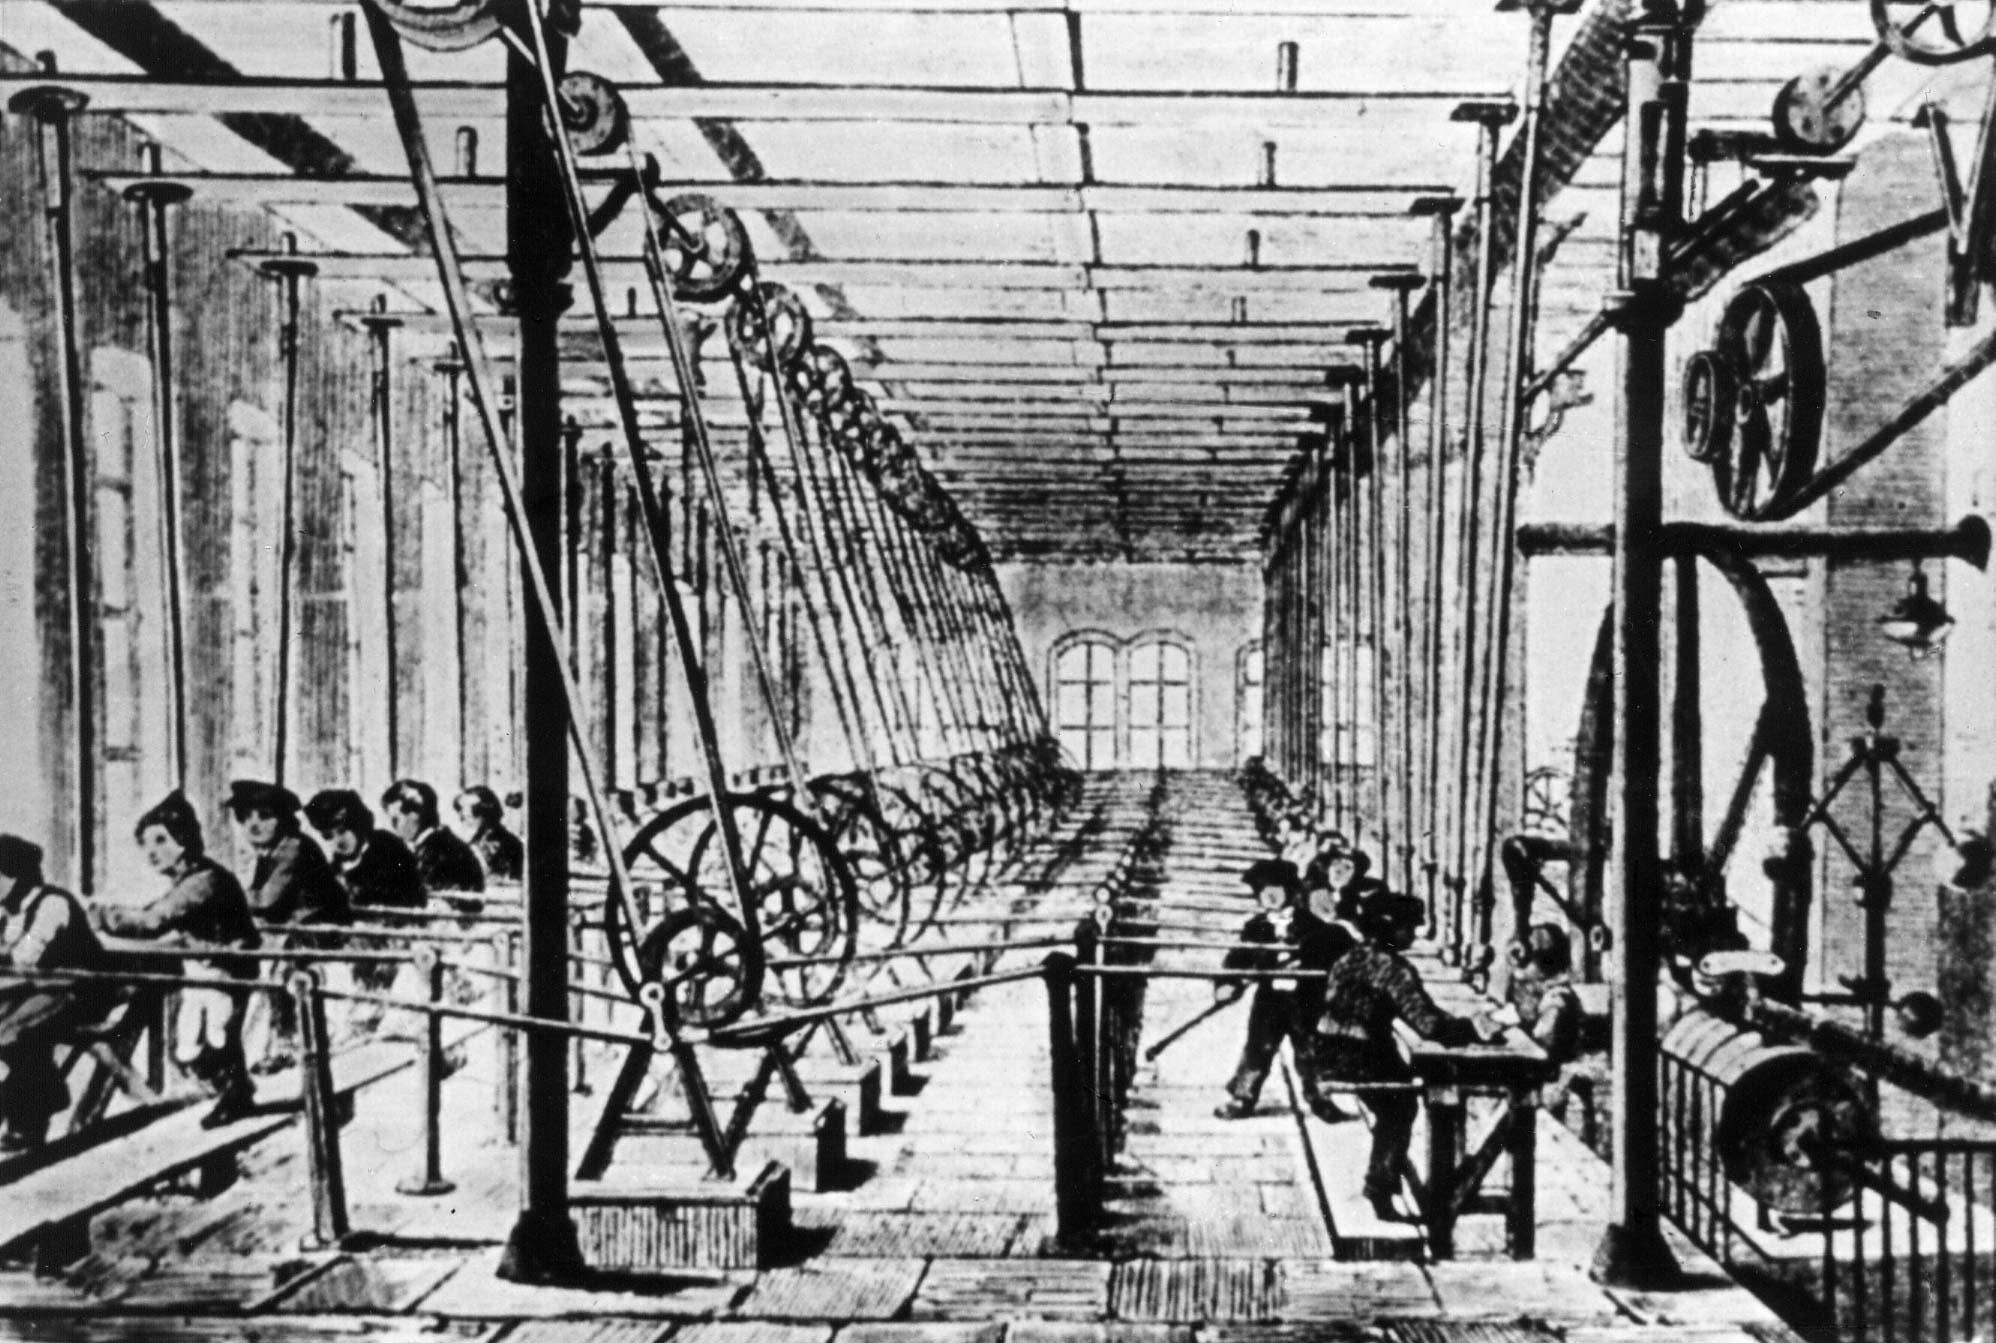 Geschichte der Gewerkschaften - Die Dampfmaschine erobert die Welt